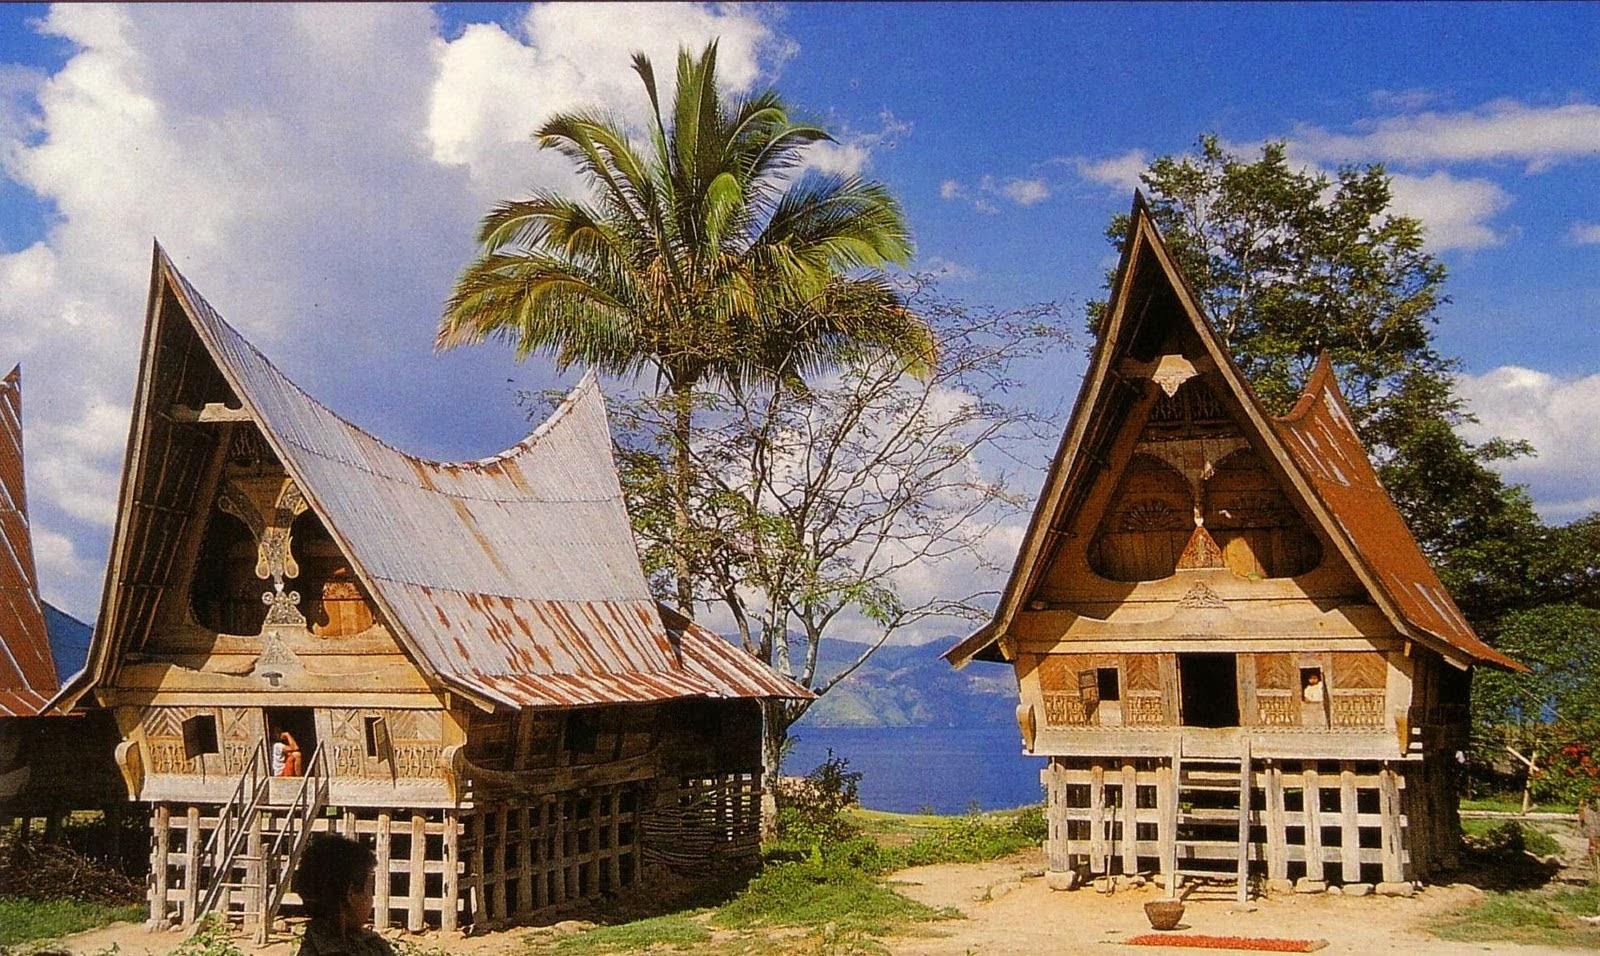 Kumpulan Gambar Rumah Adat Tradisional Suku Suku Di Nusantara